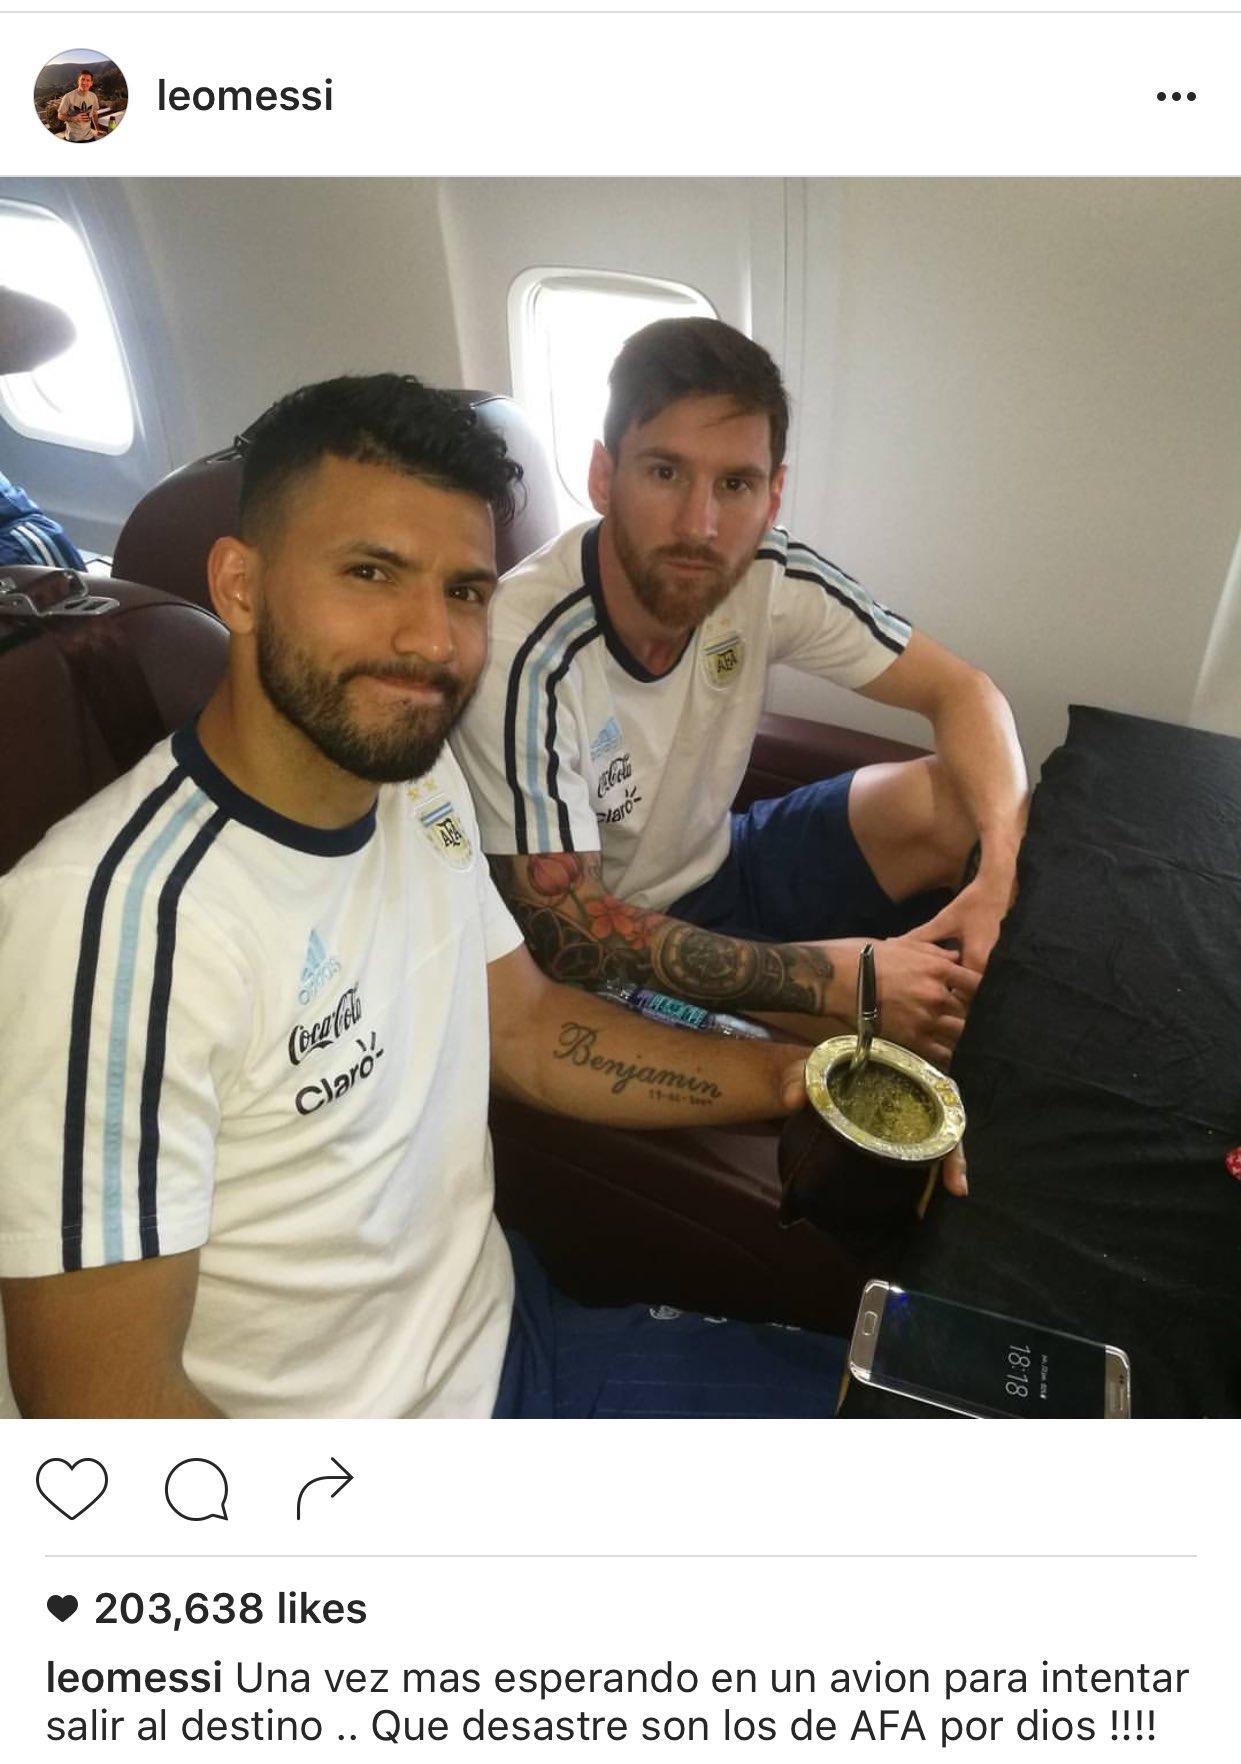 La dura crítica de Messi a la AFA